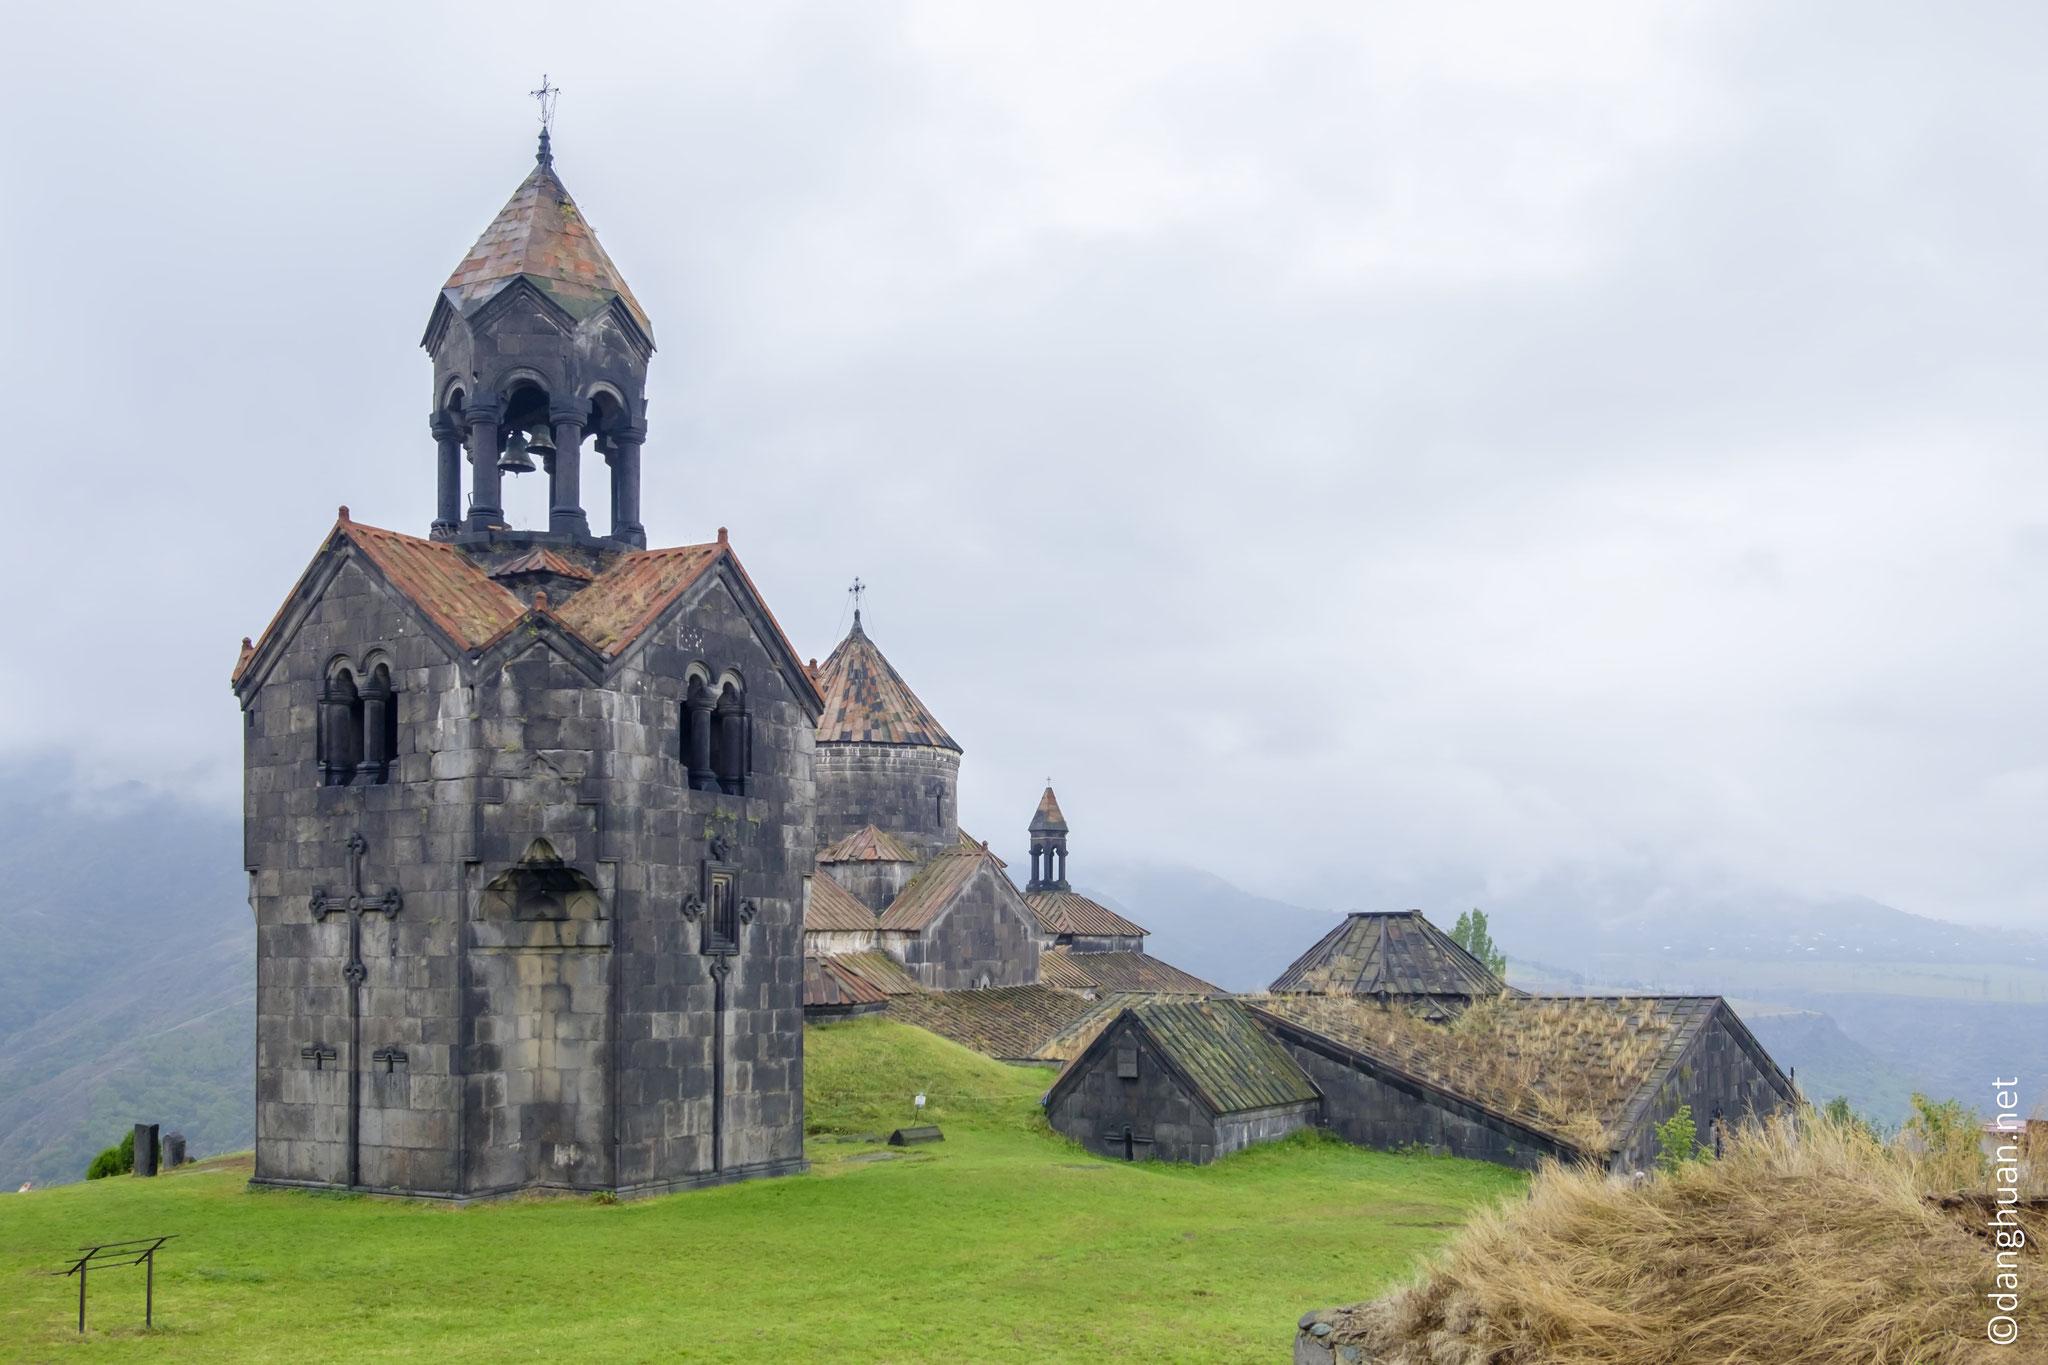 Monastère d'Haghat (Xè-XIIIè siècles) : l'un des complexes monastiques médiévaux les plus connus d'Arménie